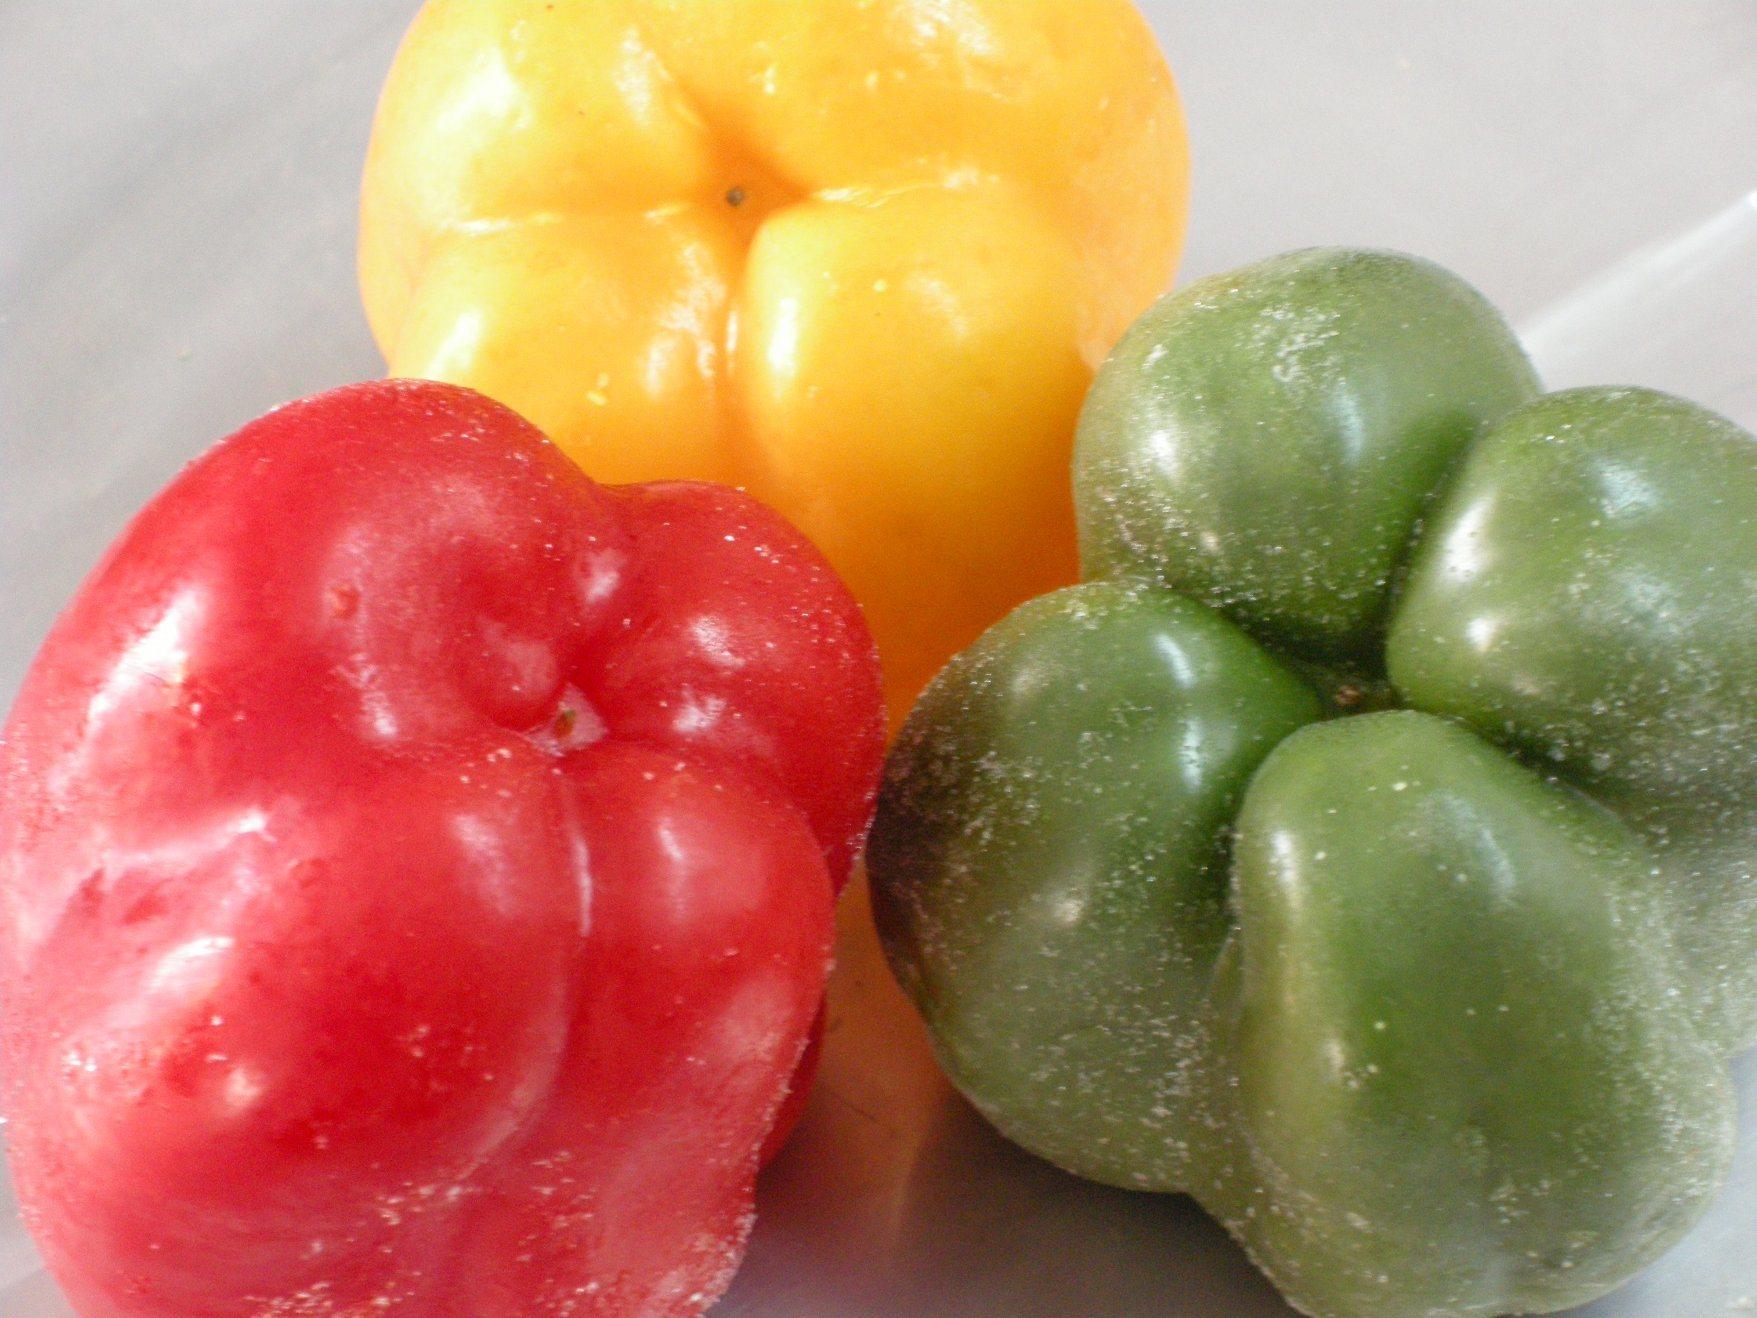 Frozen Pepper or Frozen Vegetables